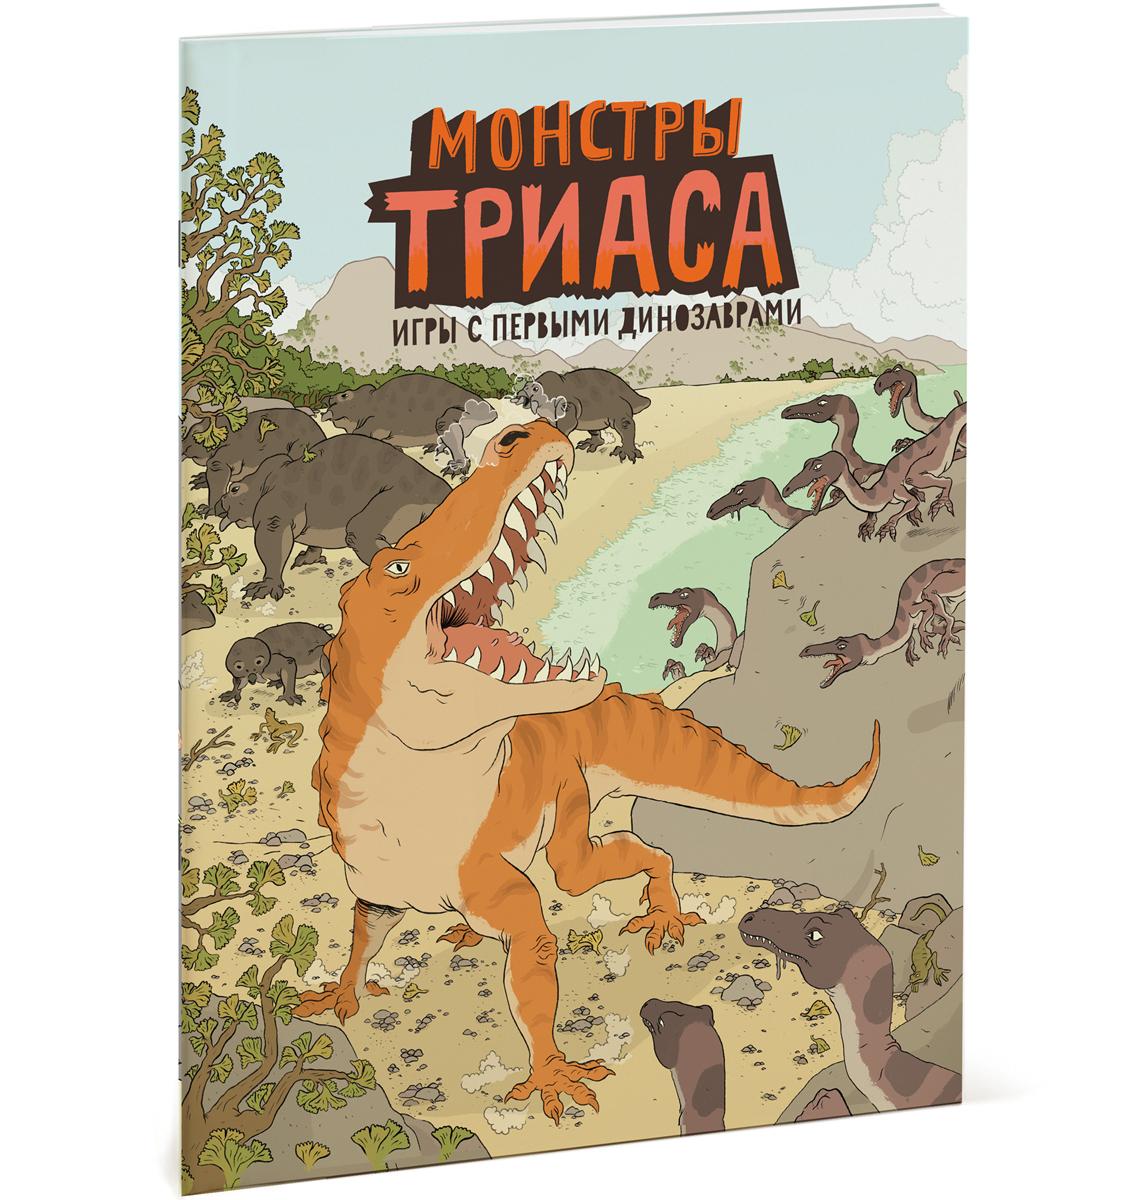 Фото Айзек Ленкивиц, Ник Крамптон Монстры триаса. Игры с первыми динозаврами. Купить  в РФ